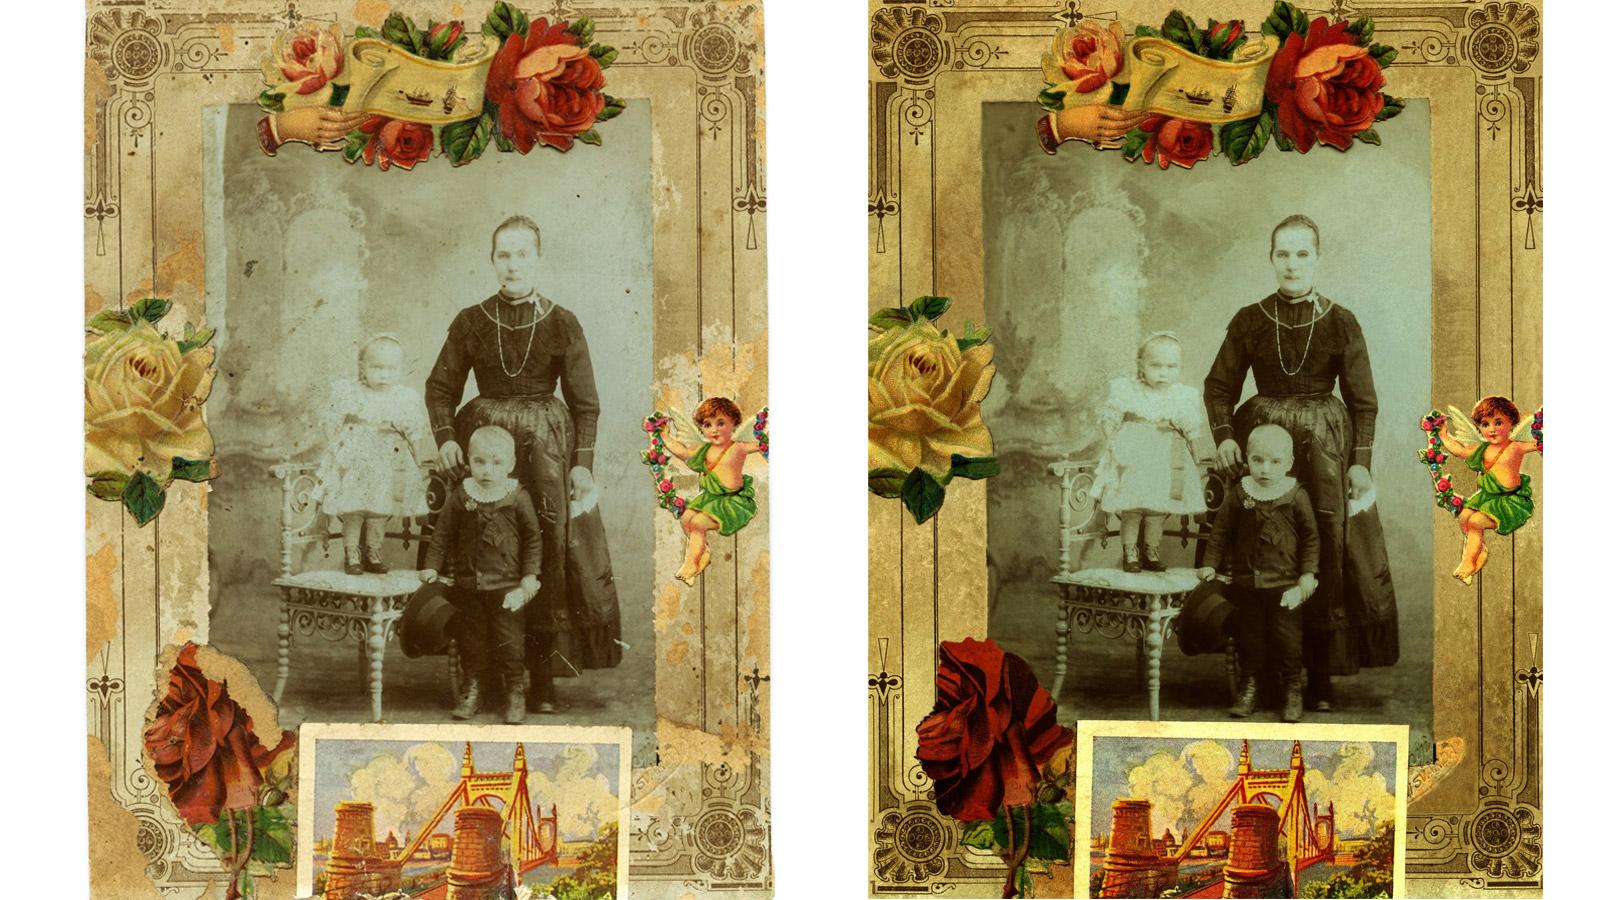 Kép az 19oo-as évek elejéről: üknagyanyánk, a fenti képen látható dédapánk a kicsi fiúcska, s lánytestvére áll a széken.